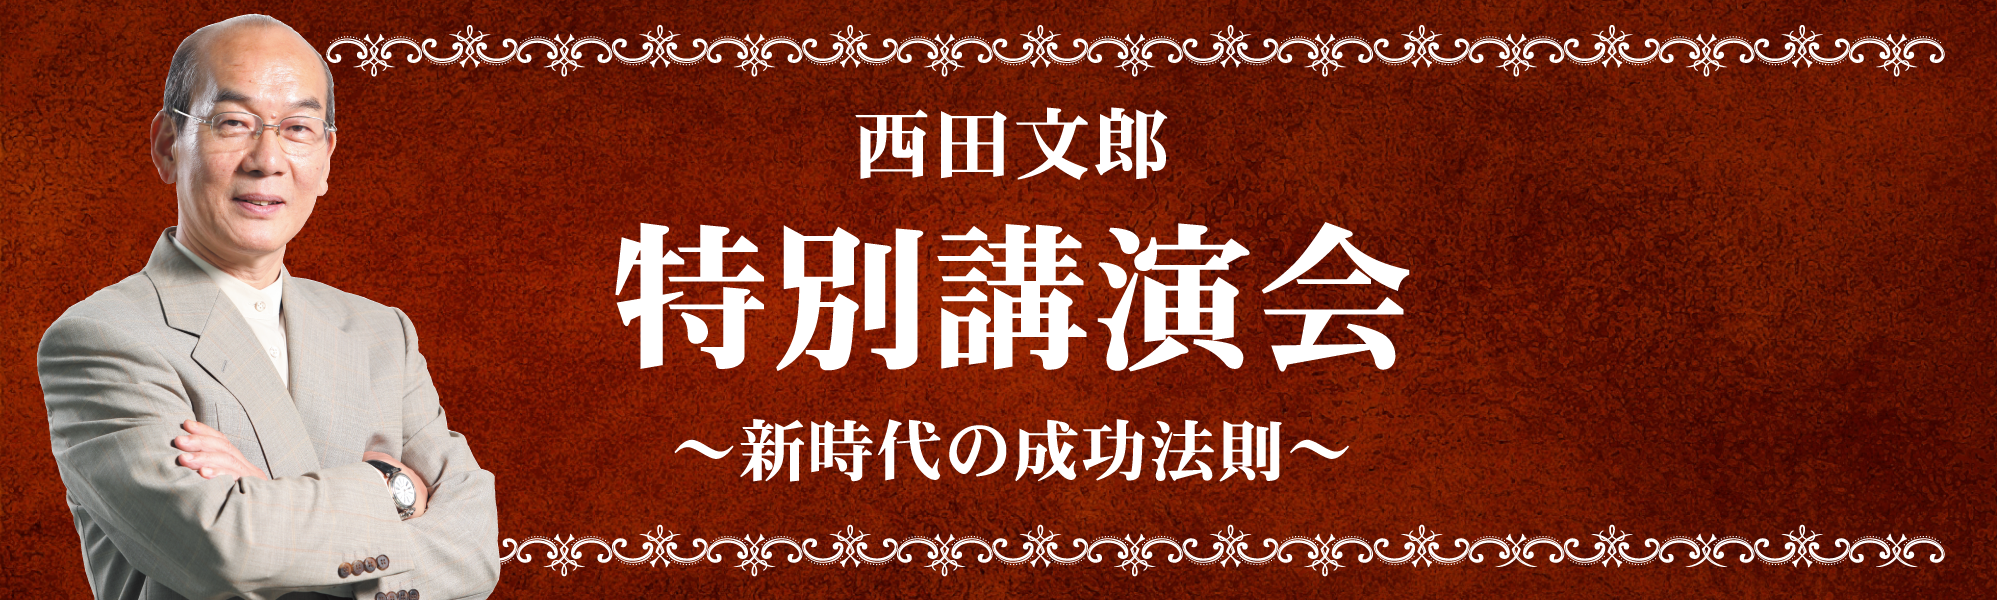 西田文郎特別講演会